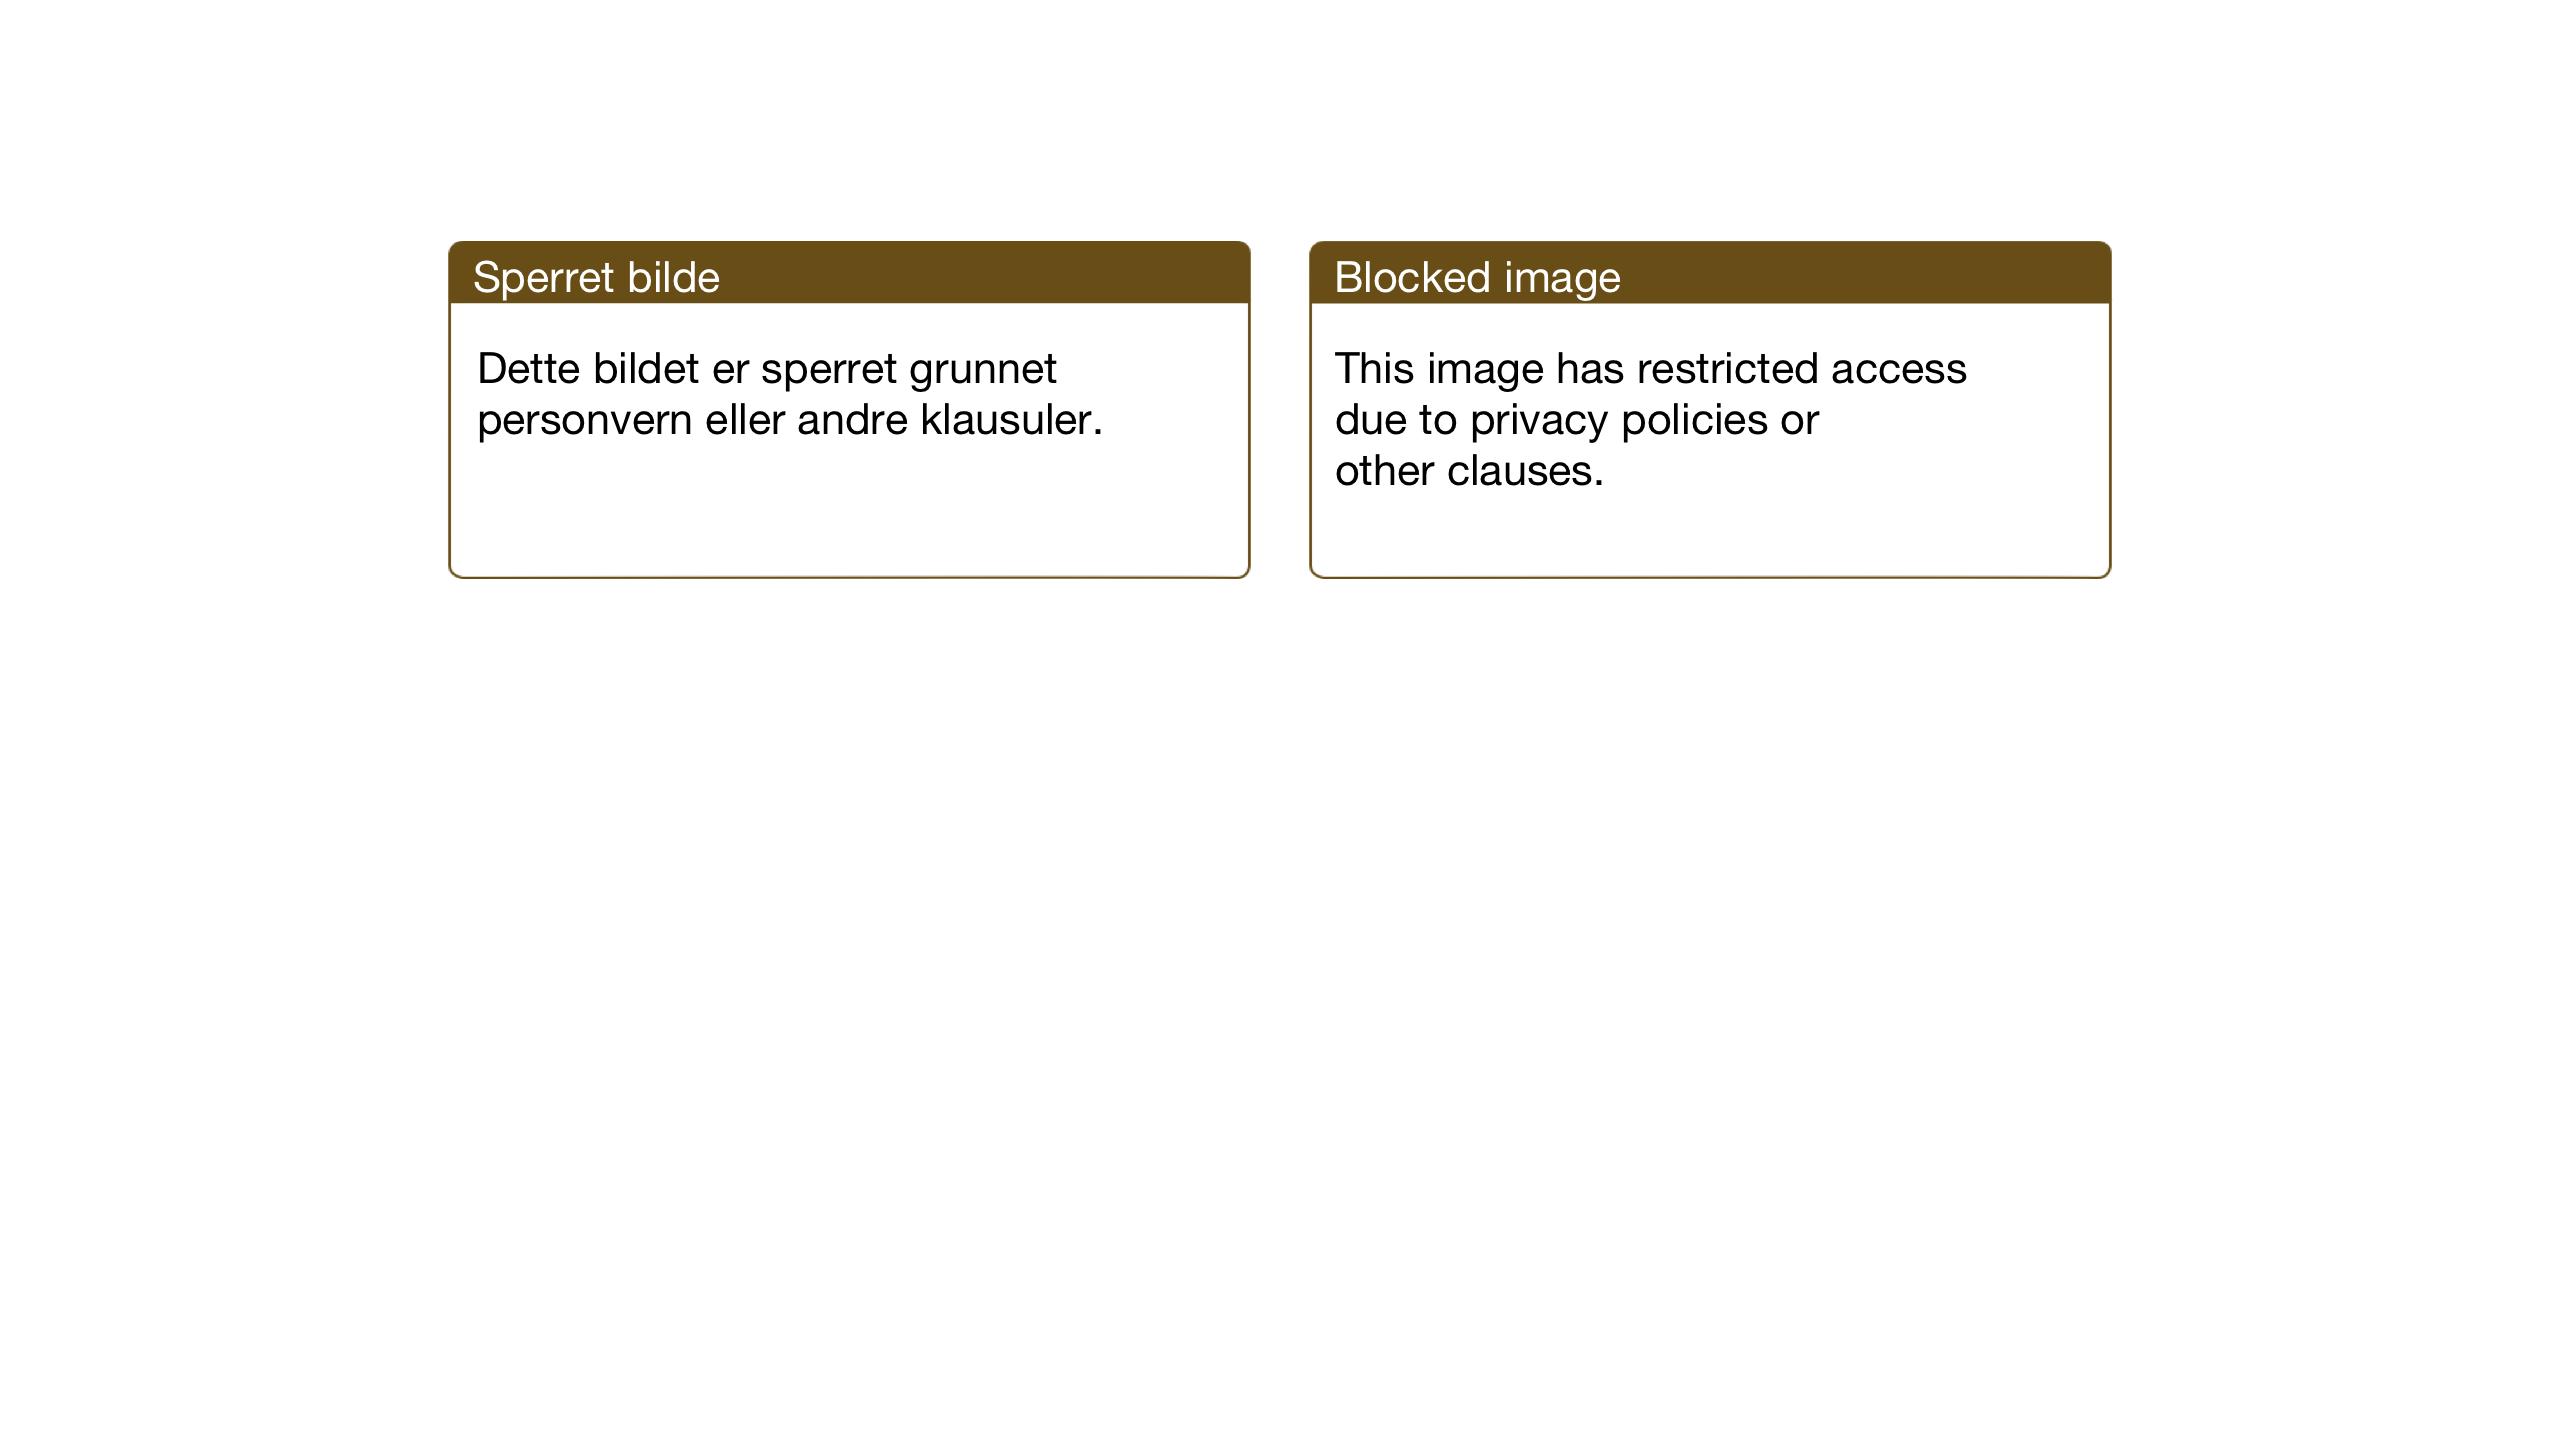 SAT, Ministerialprotokoller, klokkerbøker og fødselsregistre - Sør-Trøndelag, 616/L0424: Klokkerbok nr. 616C07, 1904-1940, s. 57